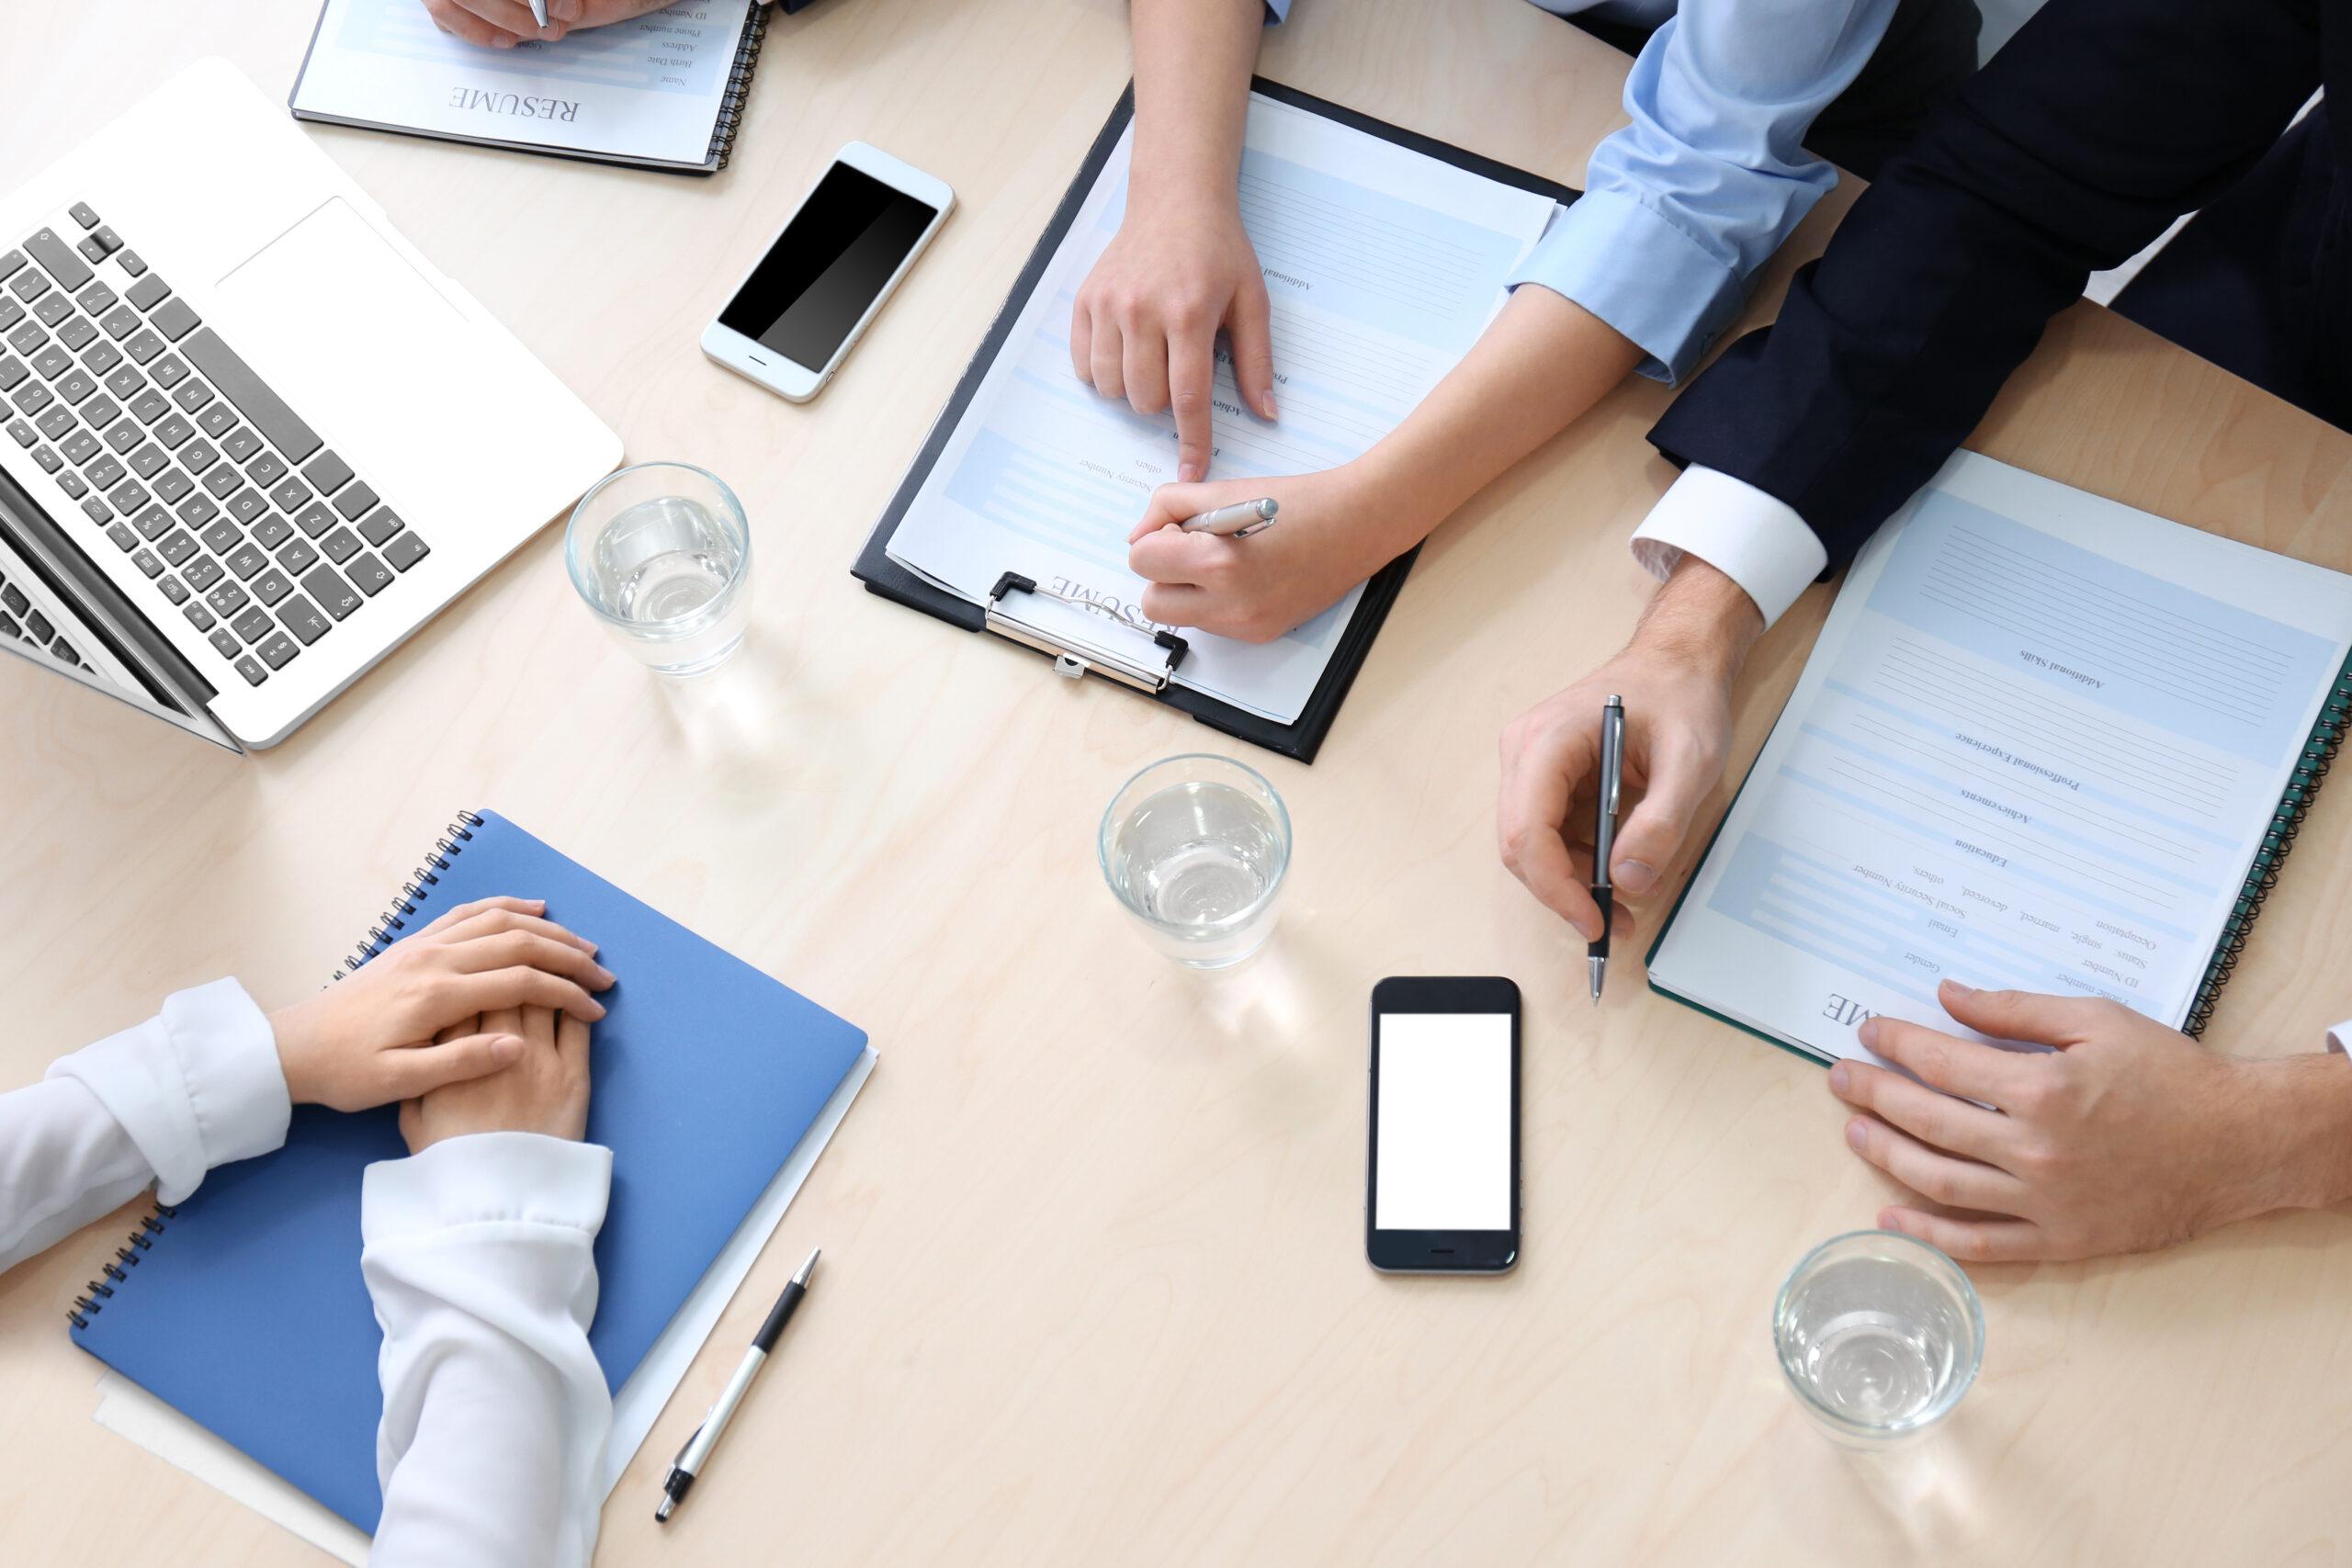 自主管理大家も納得!良質な管理委託会社の賢い選び方と注意点12項目